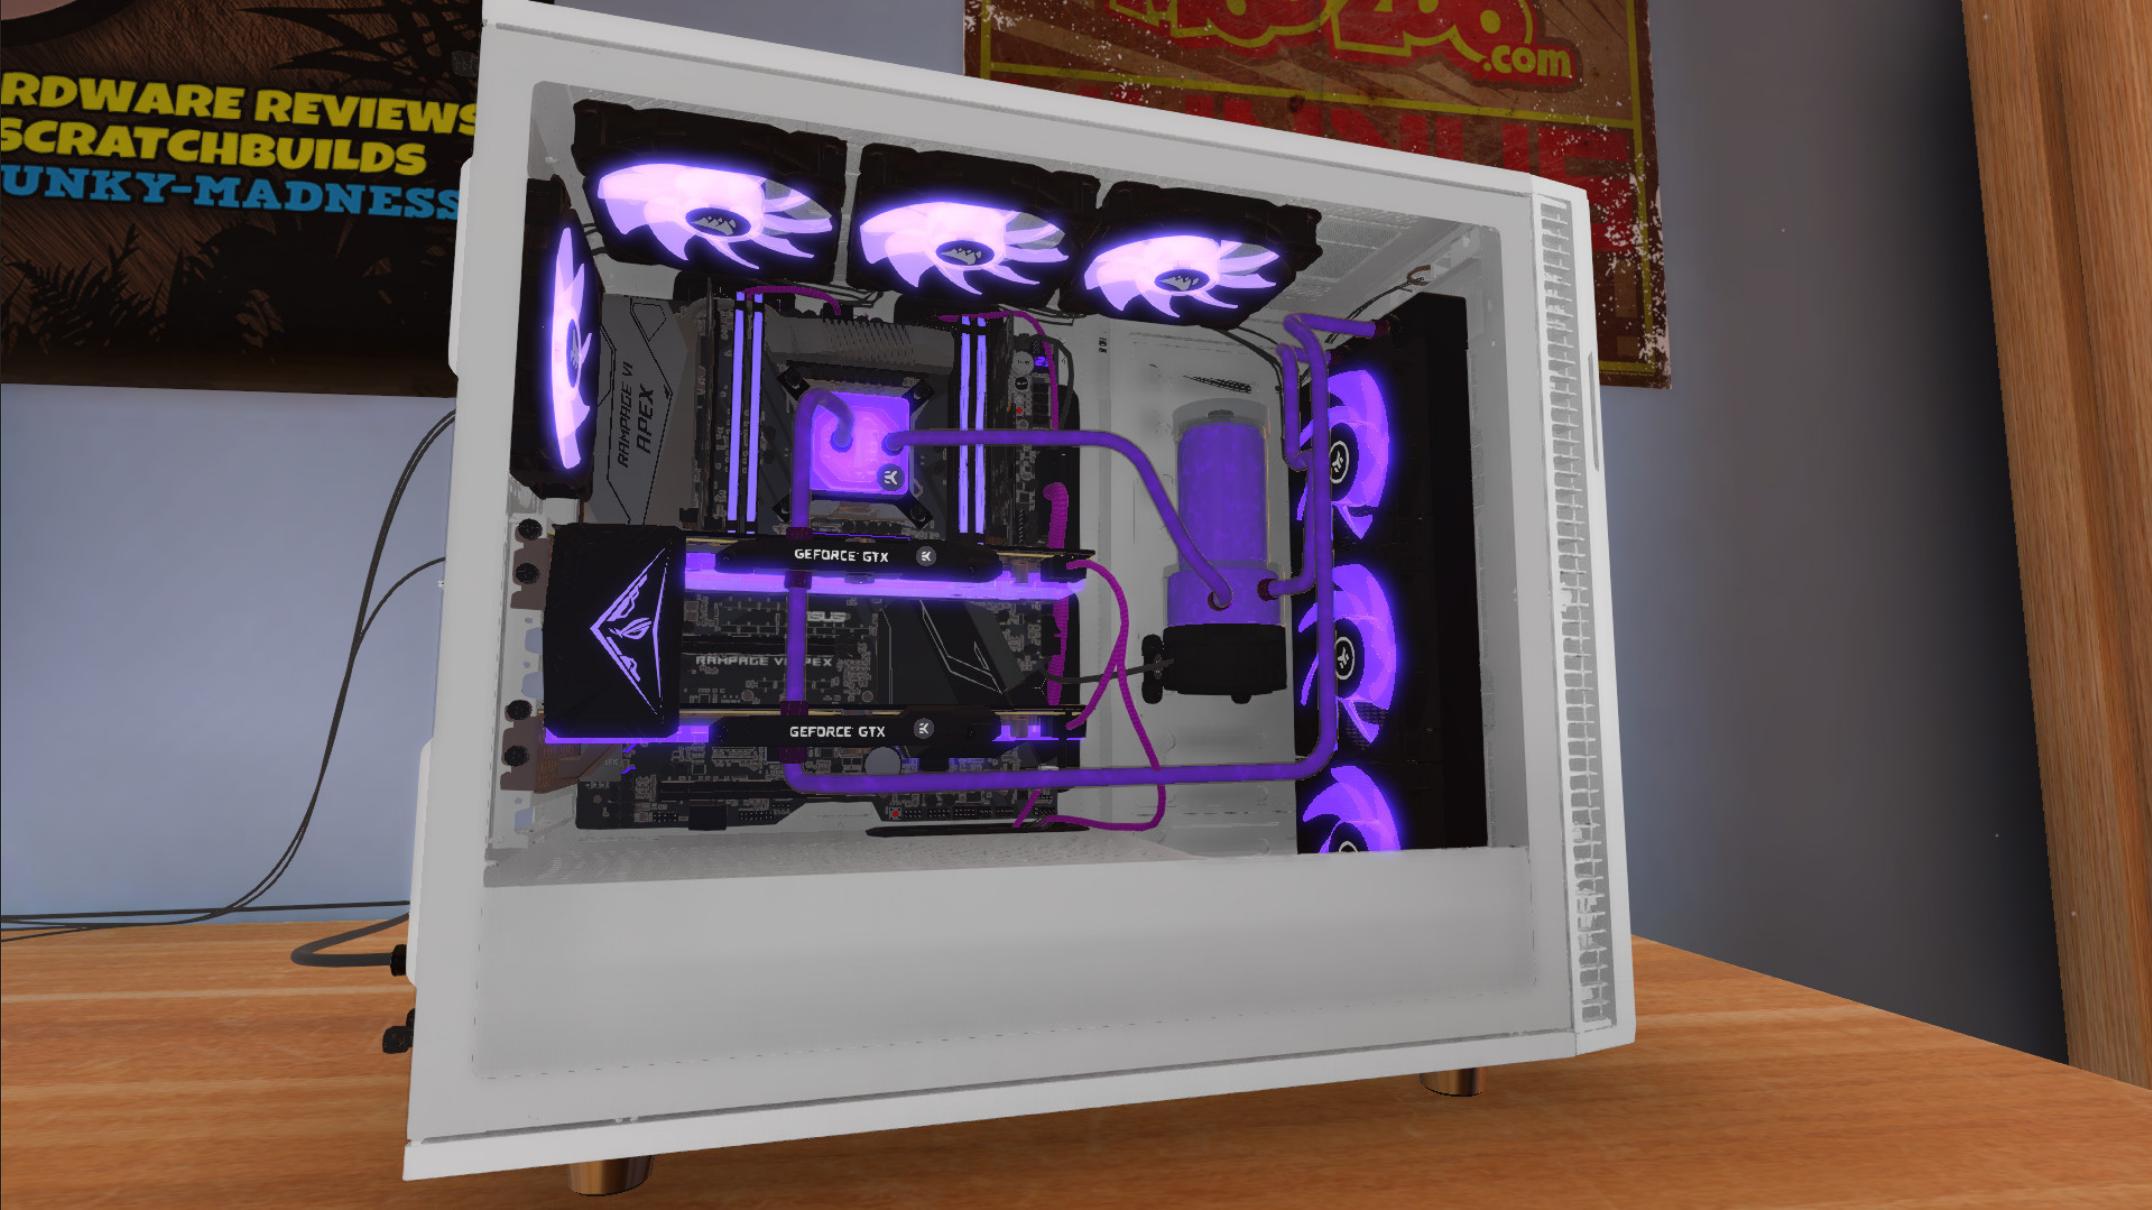 В EGS раздают PC Building Simulator. На очереди — Stubbs the Zombie